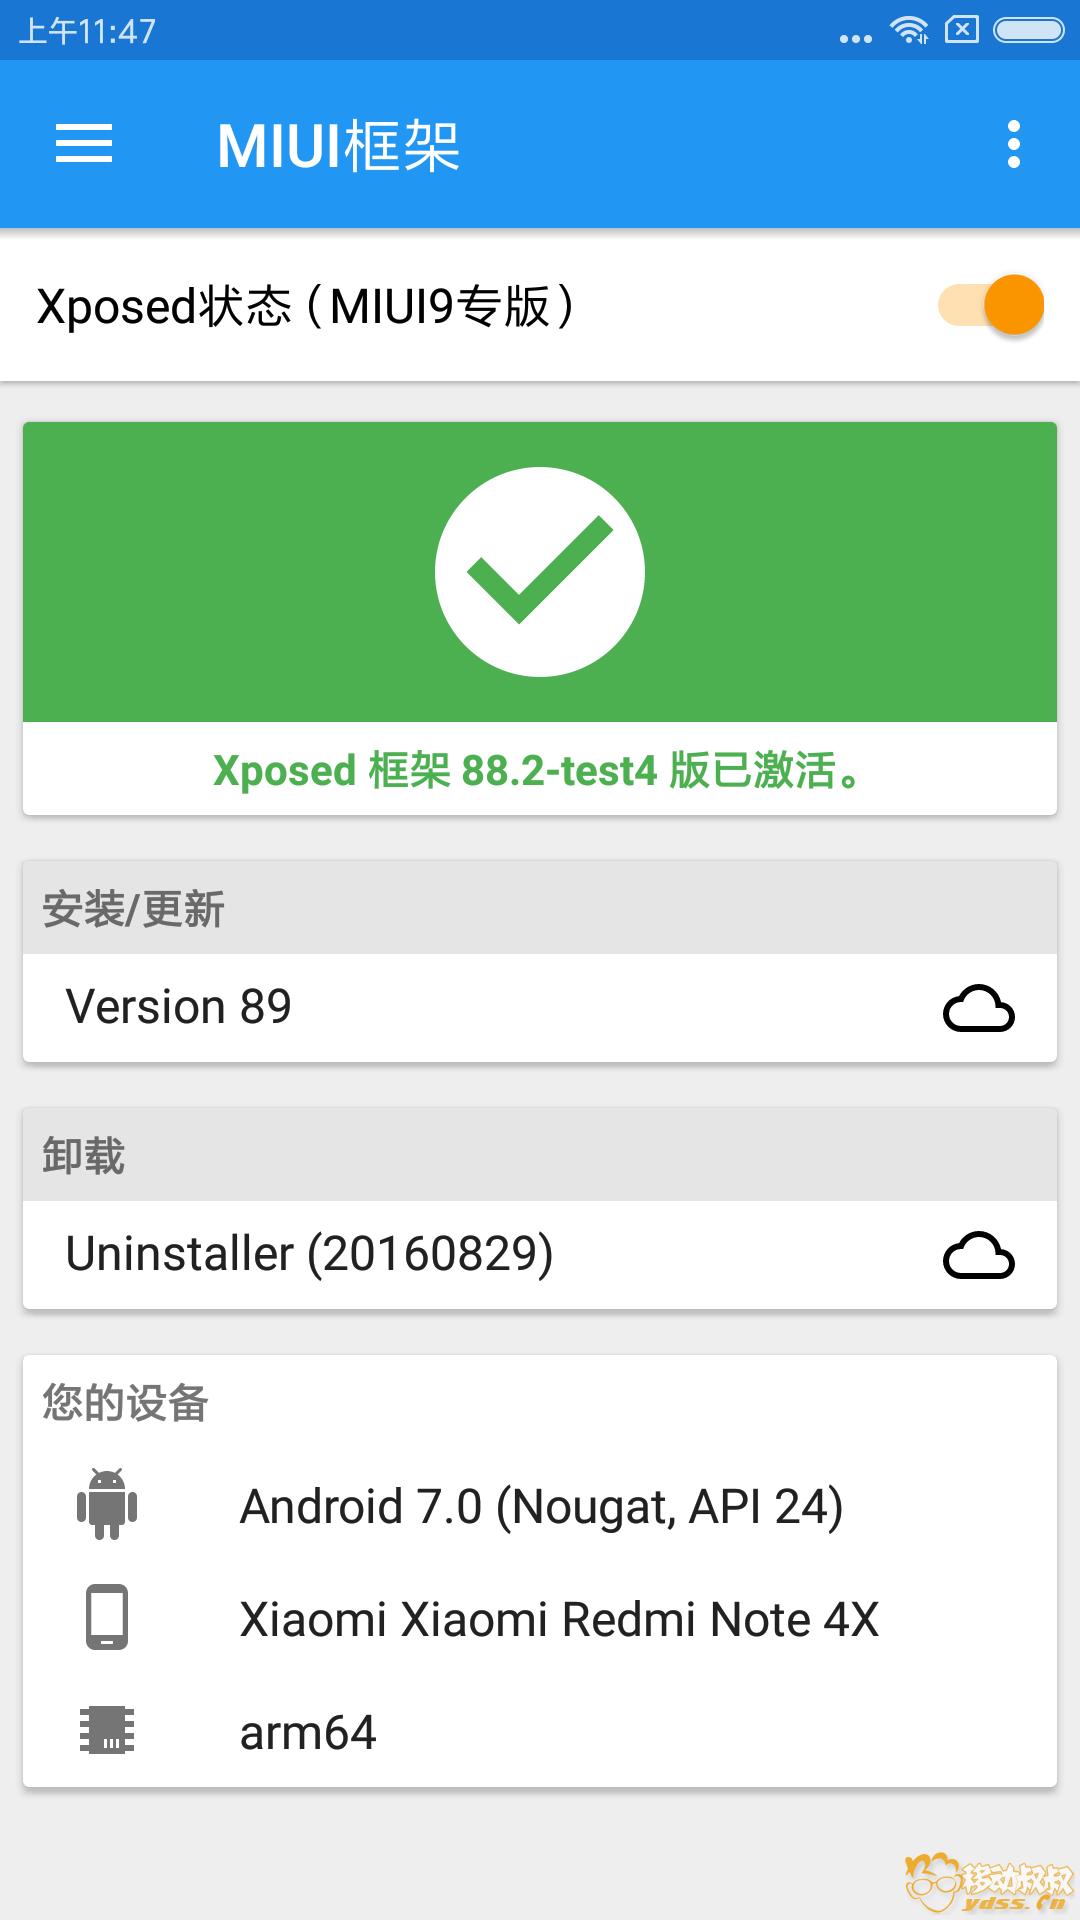 Screenshot_2018-01-07-11-47-17-365_de.robv.androi.png